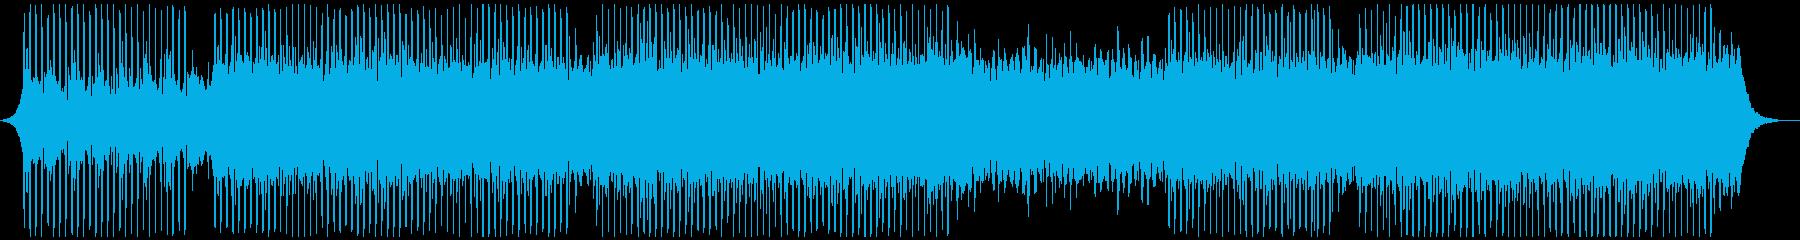 ソフトコーポレーションの再生済みの波形